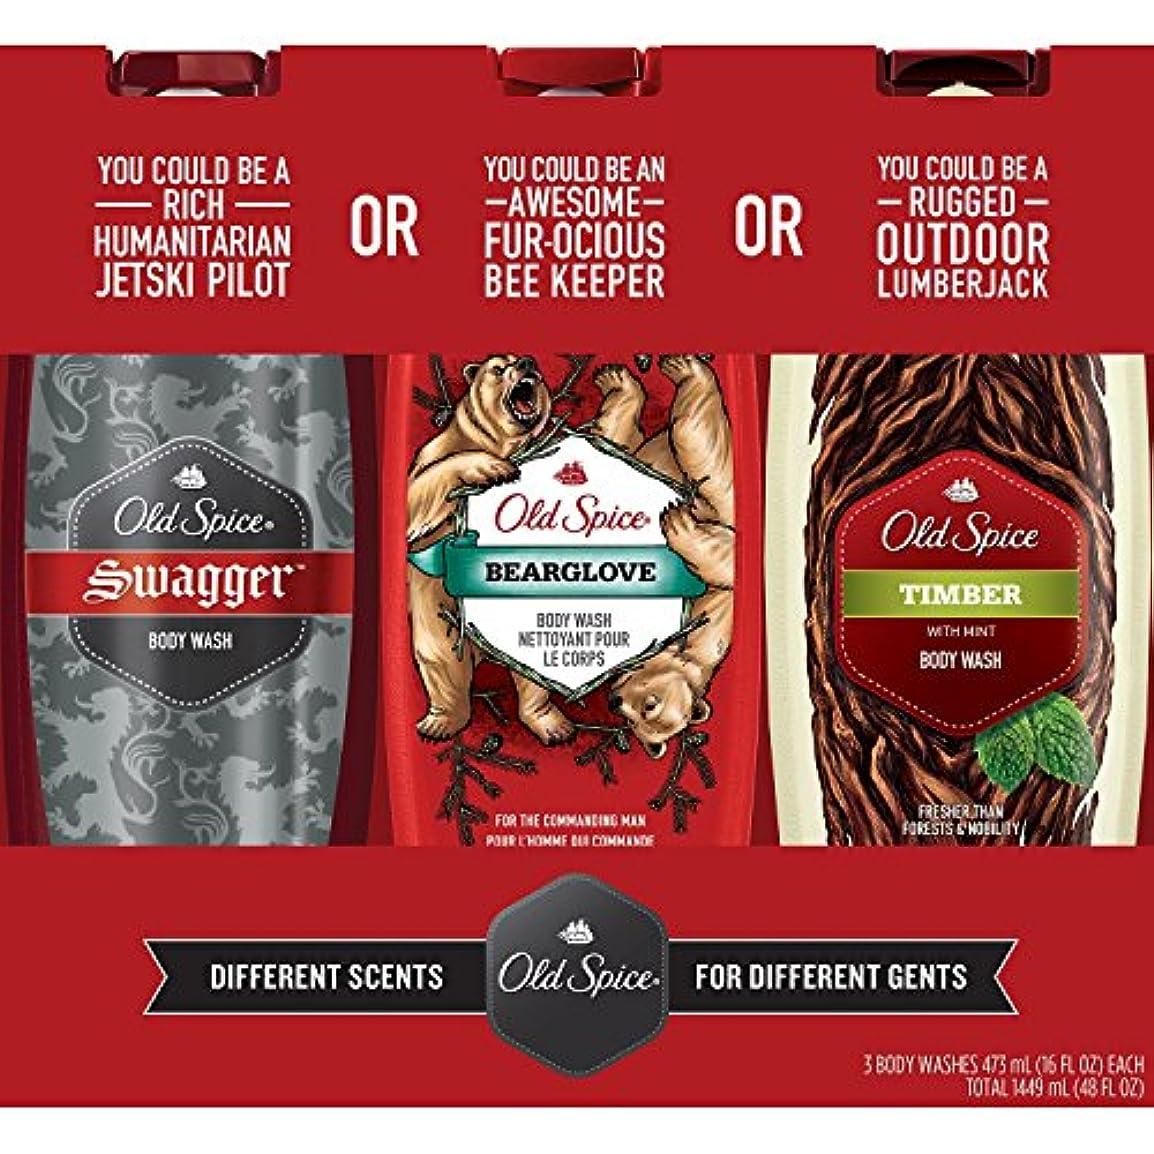 申請者回転させるまさにOld Spice Body Wash Variety Pack (16 fl. oz., 3 pk by Procter & Gamble [並行輸入品]